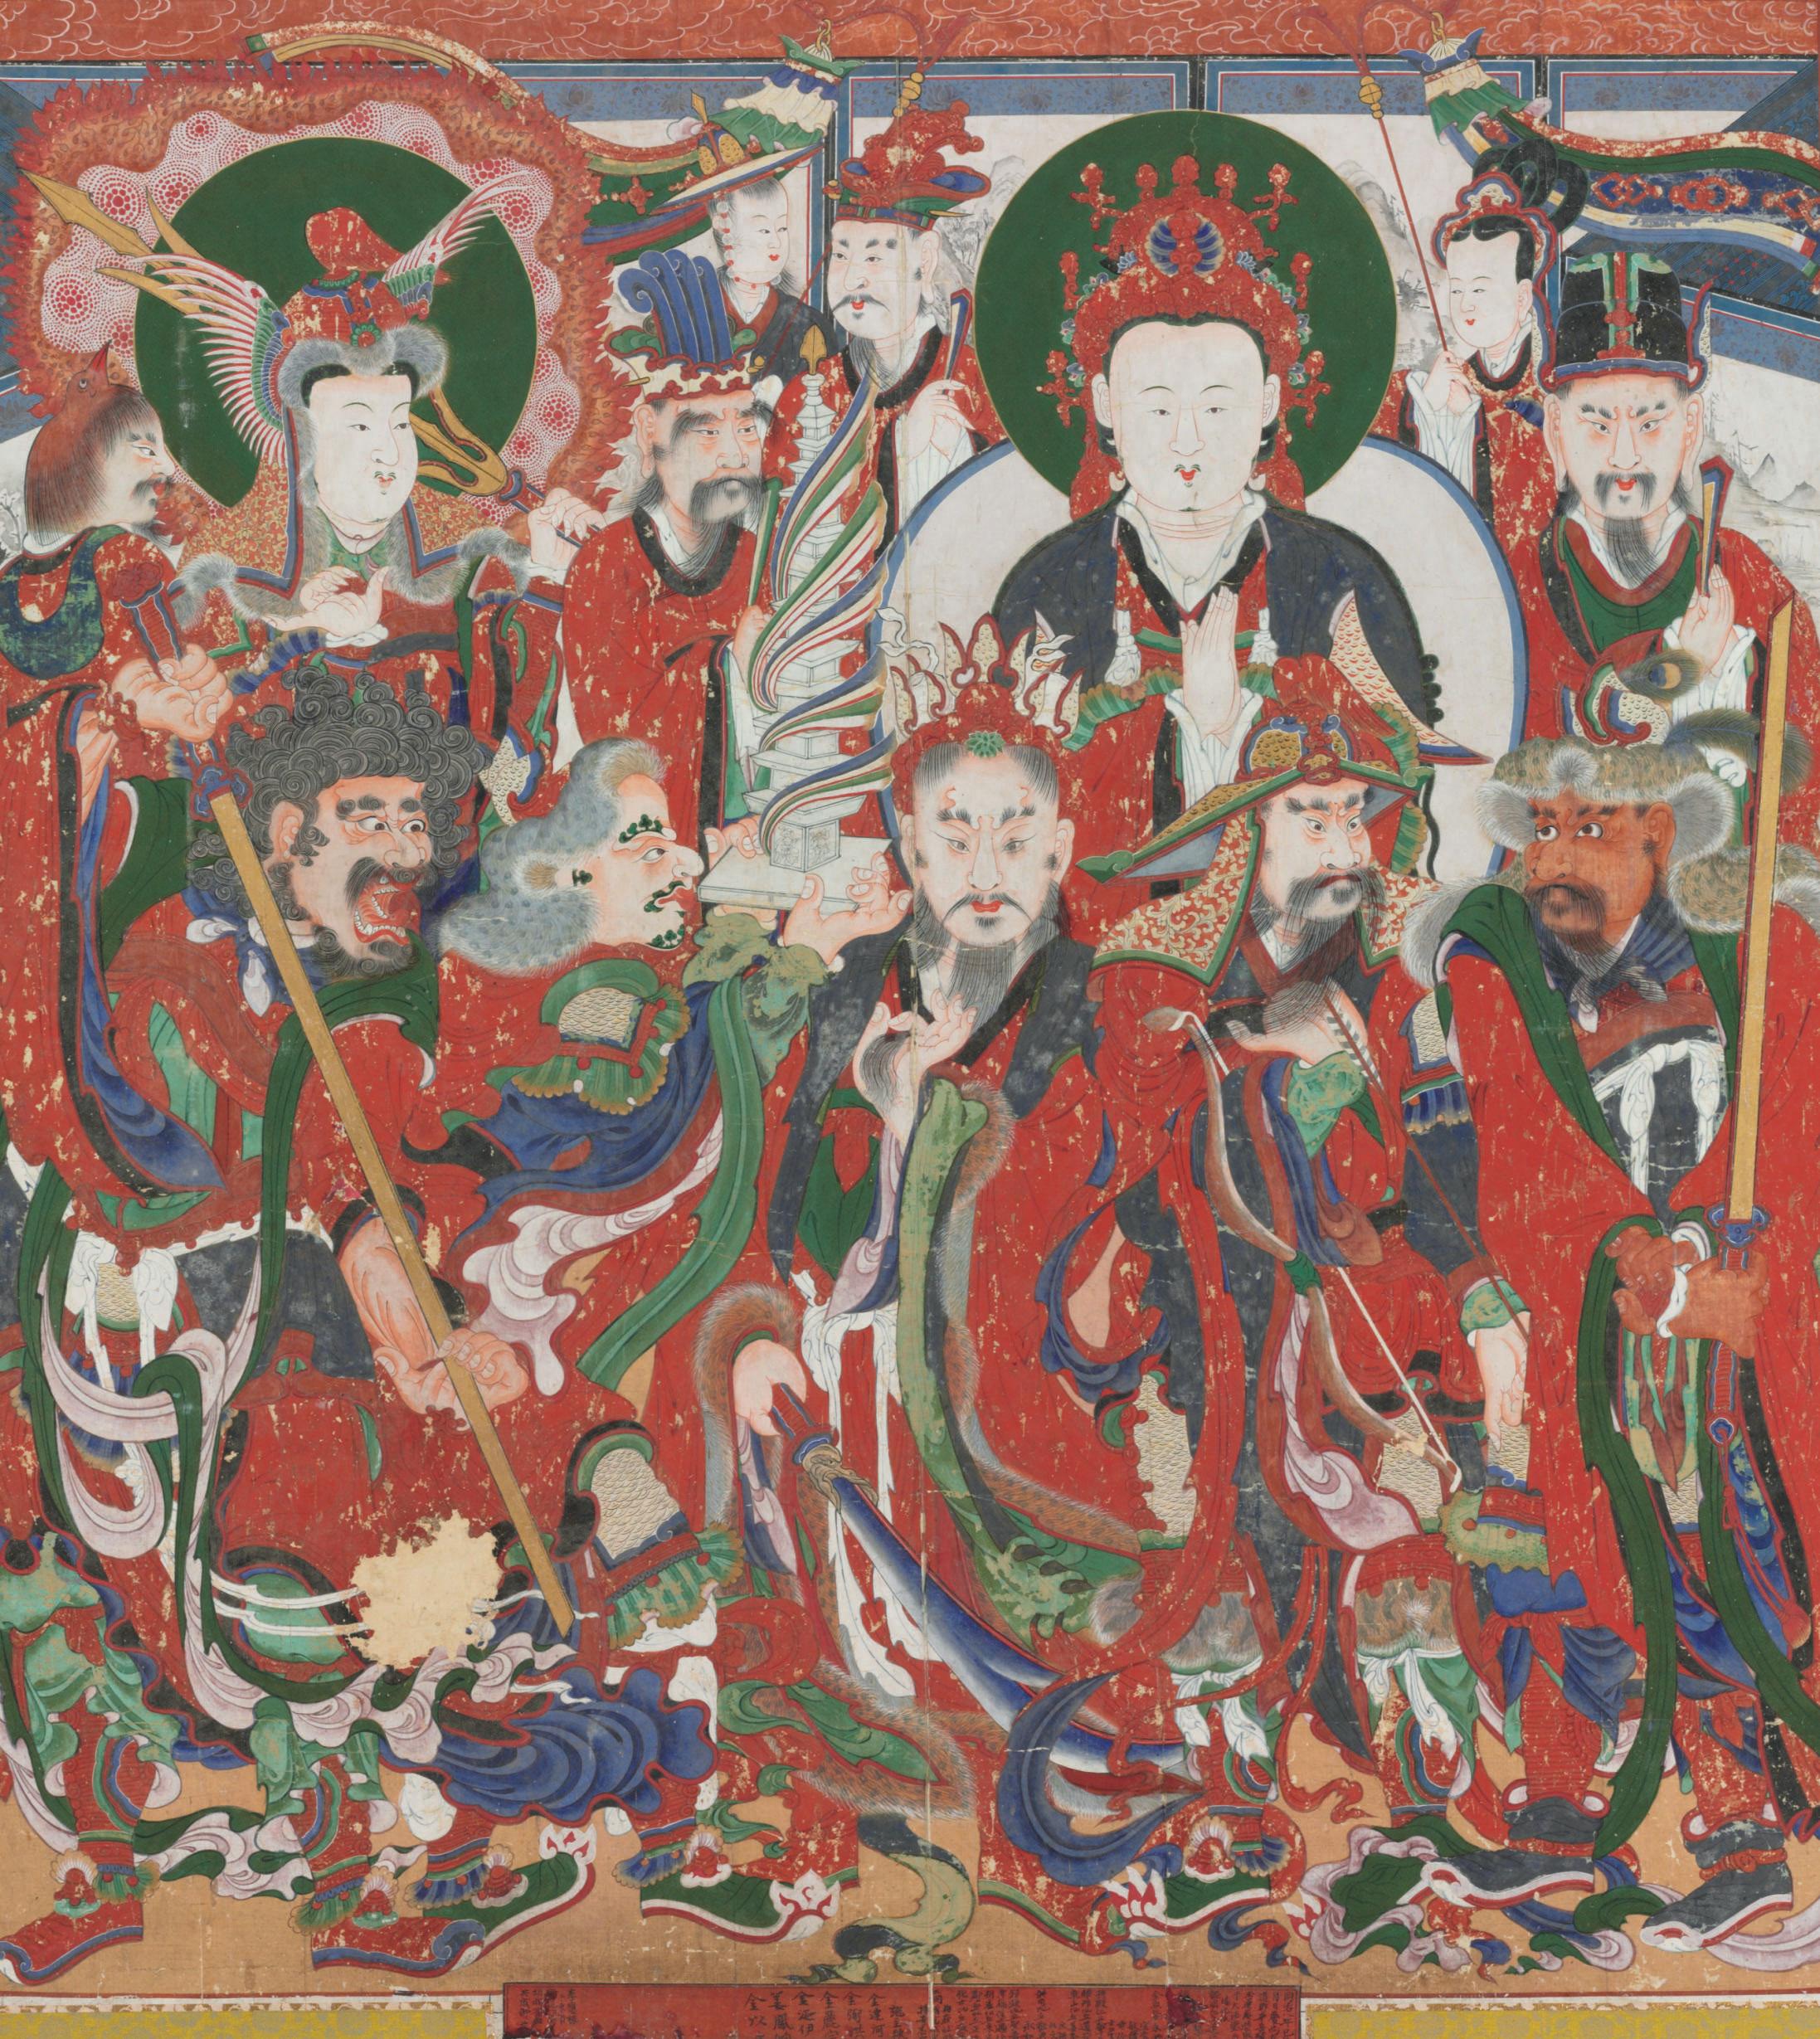 Yeongun (act. 19th century) Eu